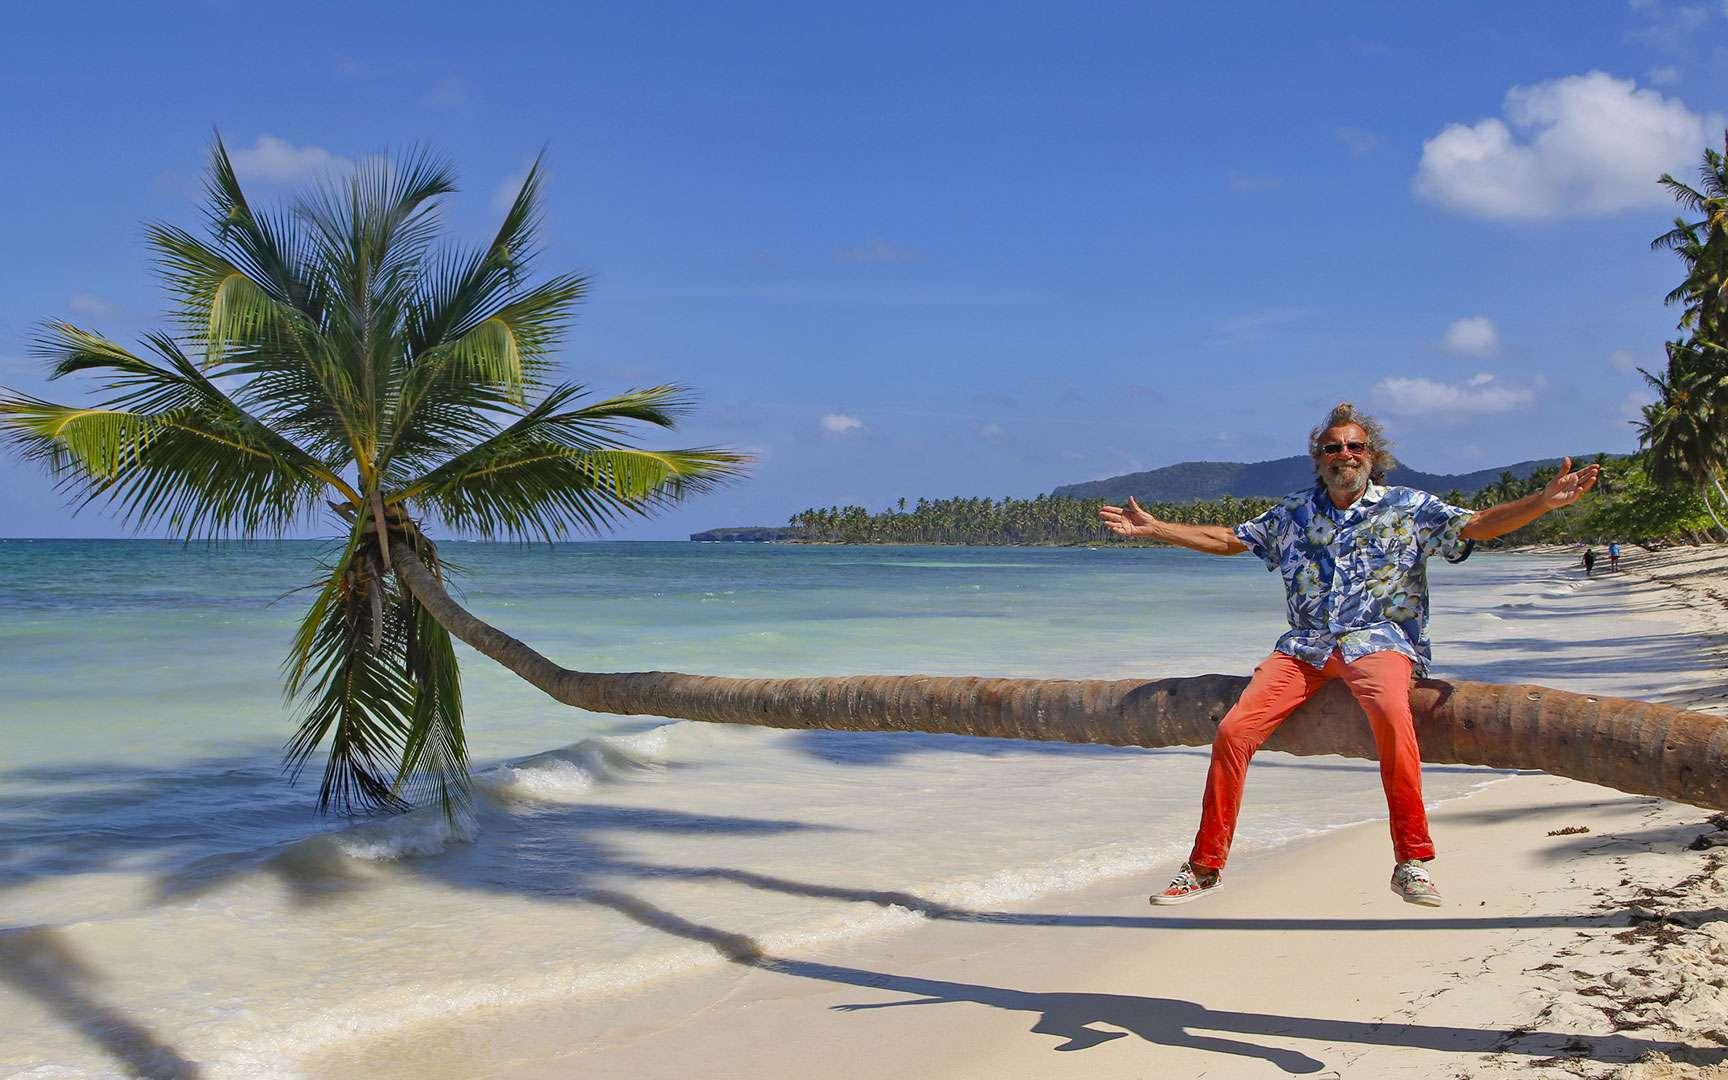 La République dominicaine a tant à offrir, loin du tourisme de masse : une telle biodiversité dans un si petit pays ! En s'éloignant des sentiers battus, c'est une nature vierge à portée de main. La playa La Playita, à l'extrême pointe de la péninsule de la baie de Samaná, reste peu fréquentée. Elle est située à 15 minutes de marche du petit village de pêcheurs, Las Galeras, dont l'authenticité a été préservée. Ici, pas d'hôtels « All inclusive » mais déguster une langouste ou les spécialités locales grillées sur un feu de bois, les pieds dans l'eau, n'est-il pas le seul et vrai luxe ? Ici, Antoine en République dominicaine. © Antoine, tous droits réservés